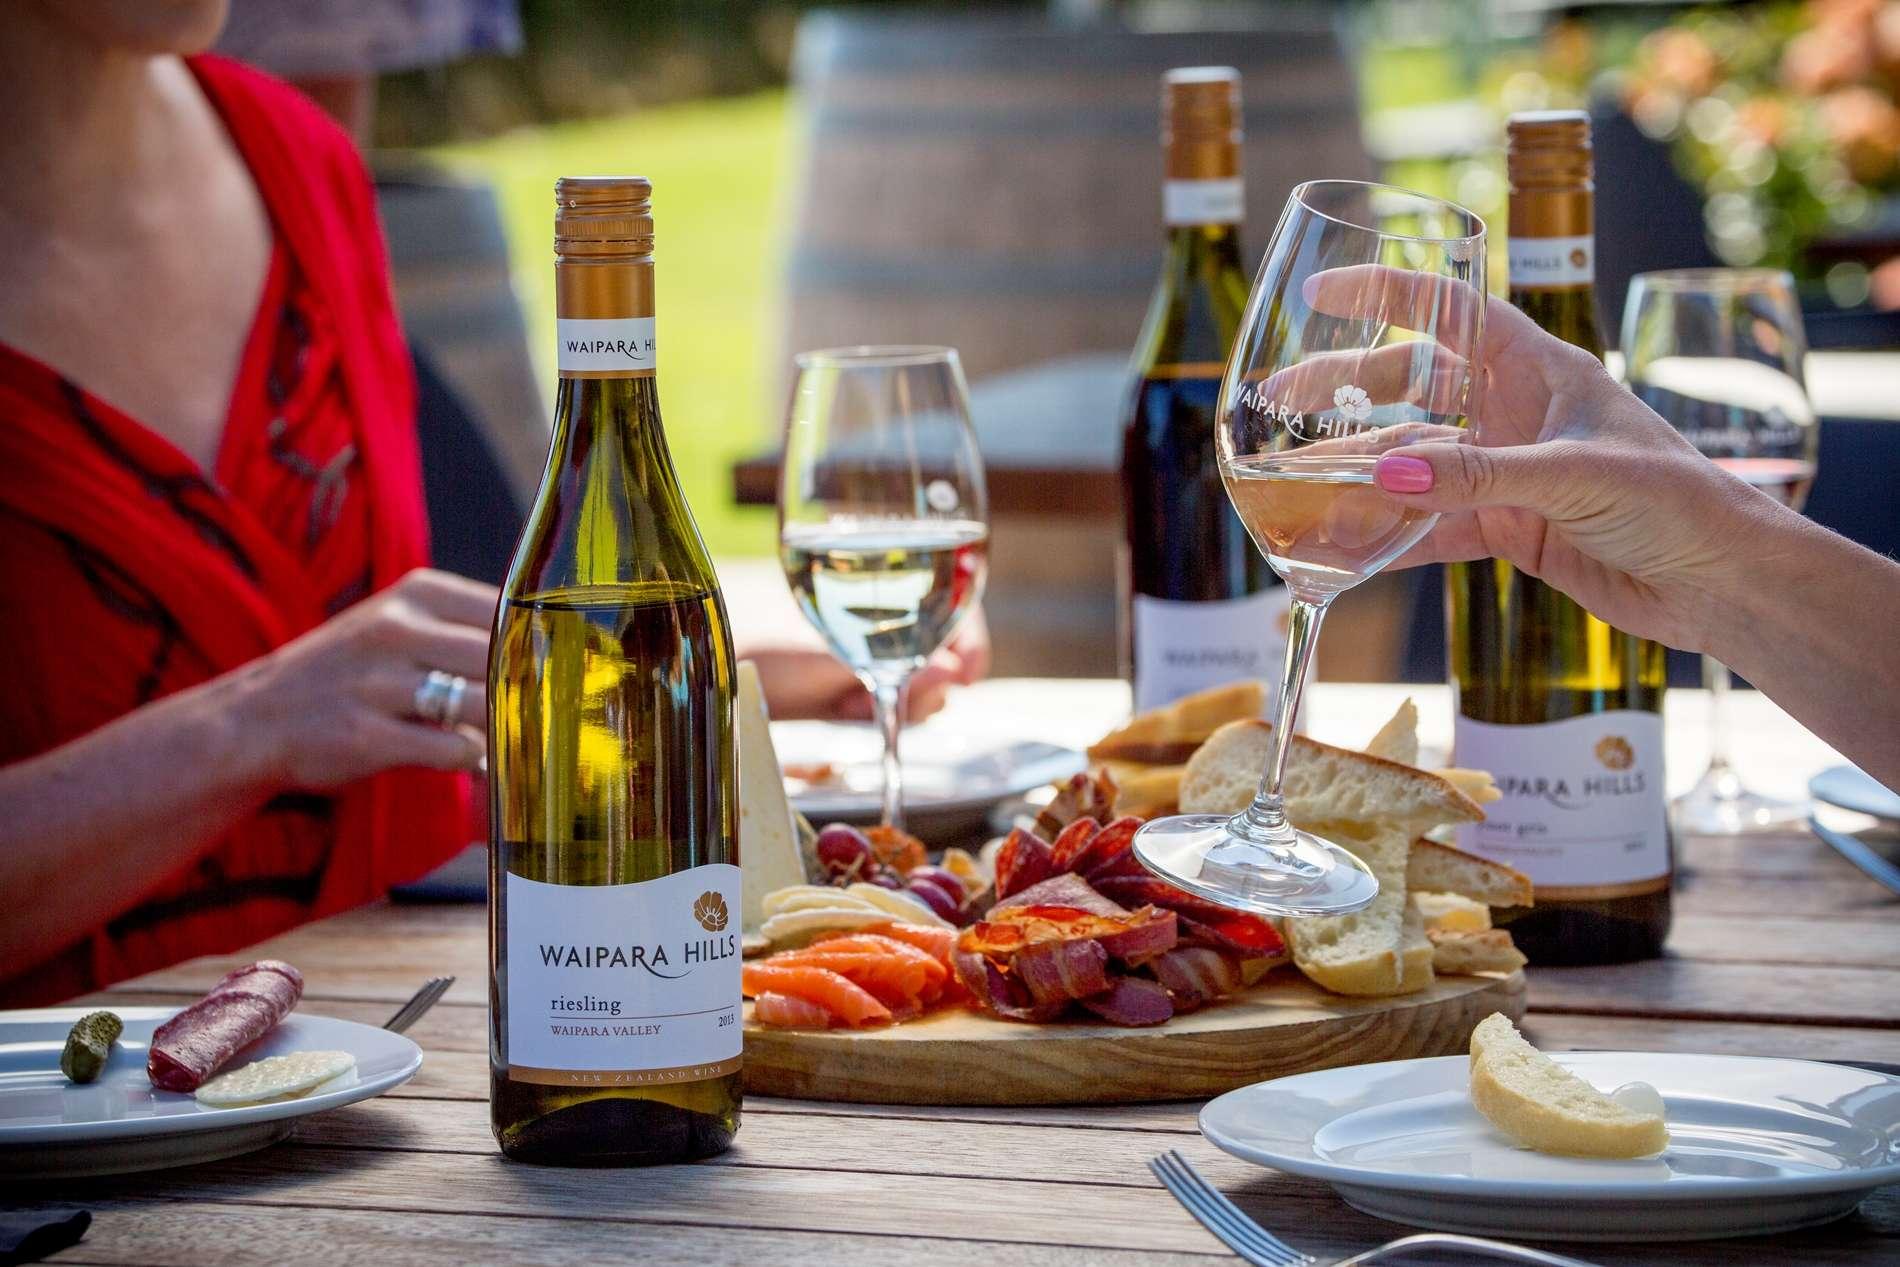 Waipara Hills Winery | Waipara, South Island, New Zealand